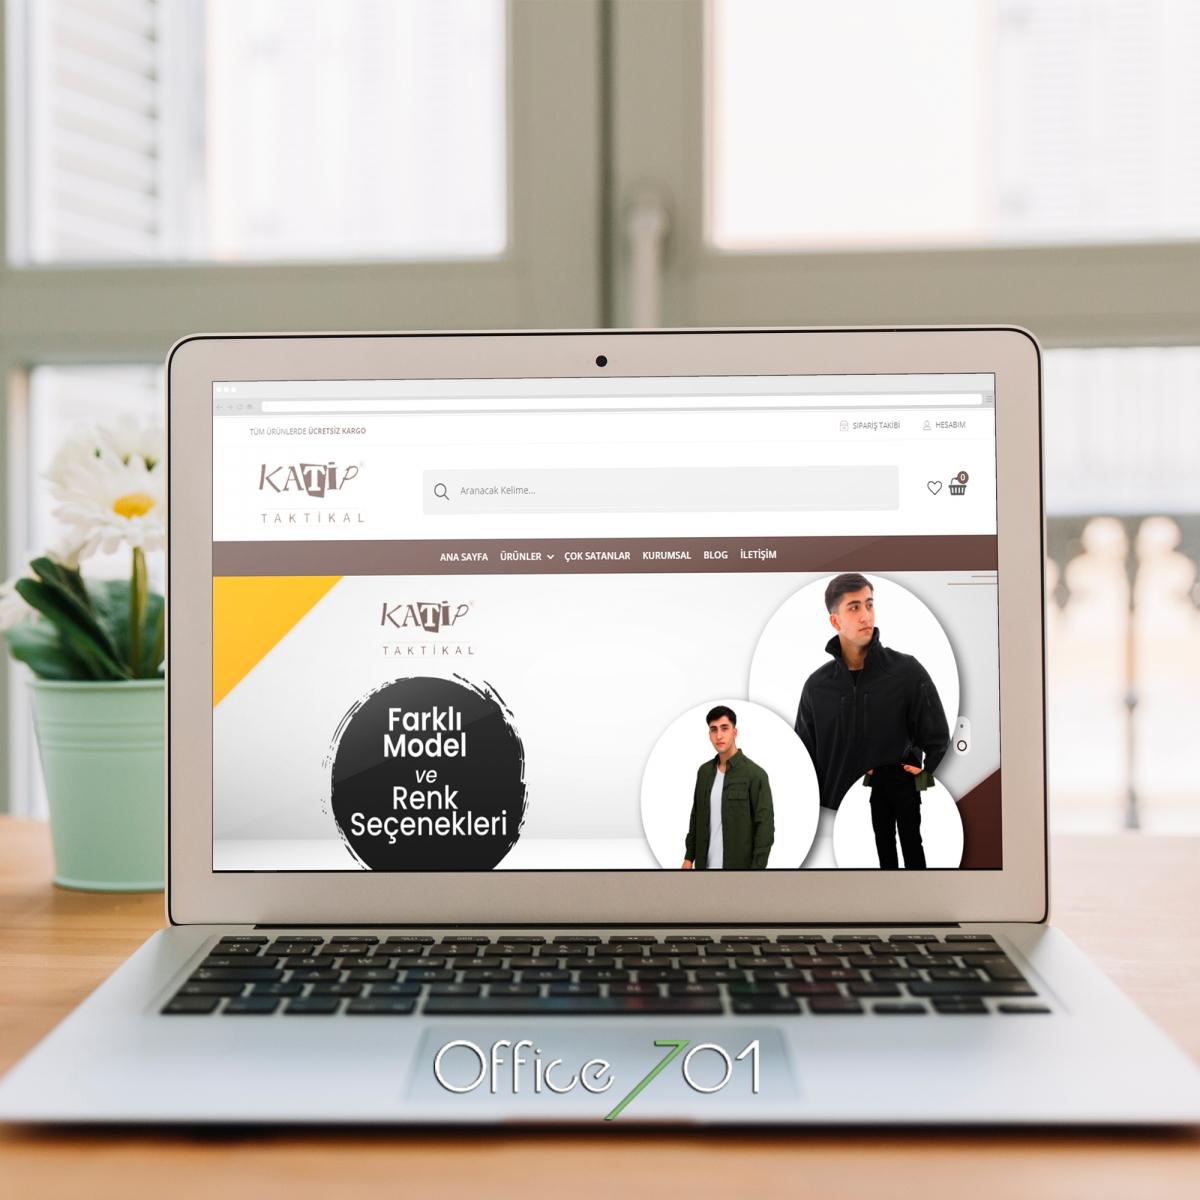 Rıdvan Dasdelen, Ridvan Dasdelen, Rıdvan Daşdelen, E-Ticaret | Katip Taktikal E-Ticaret